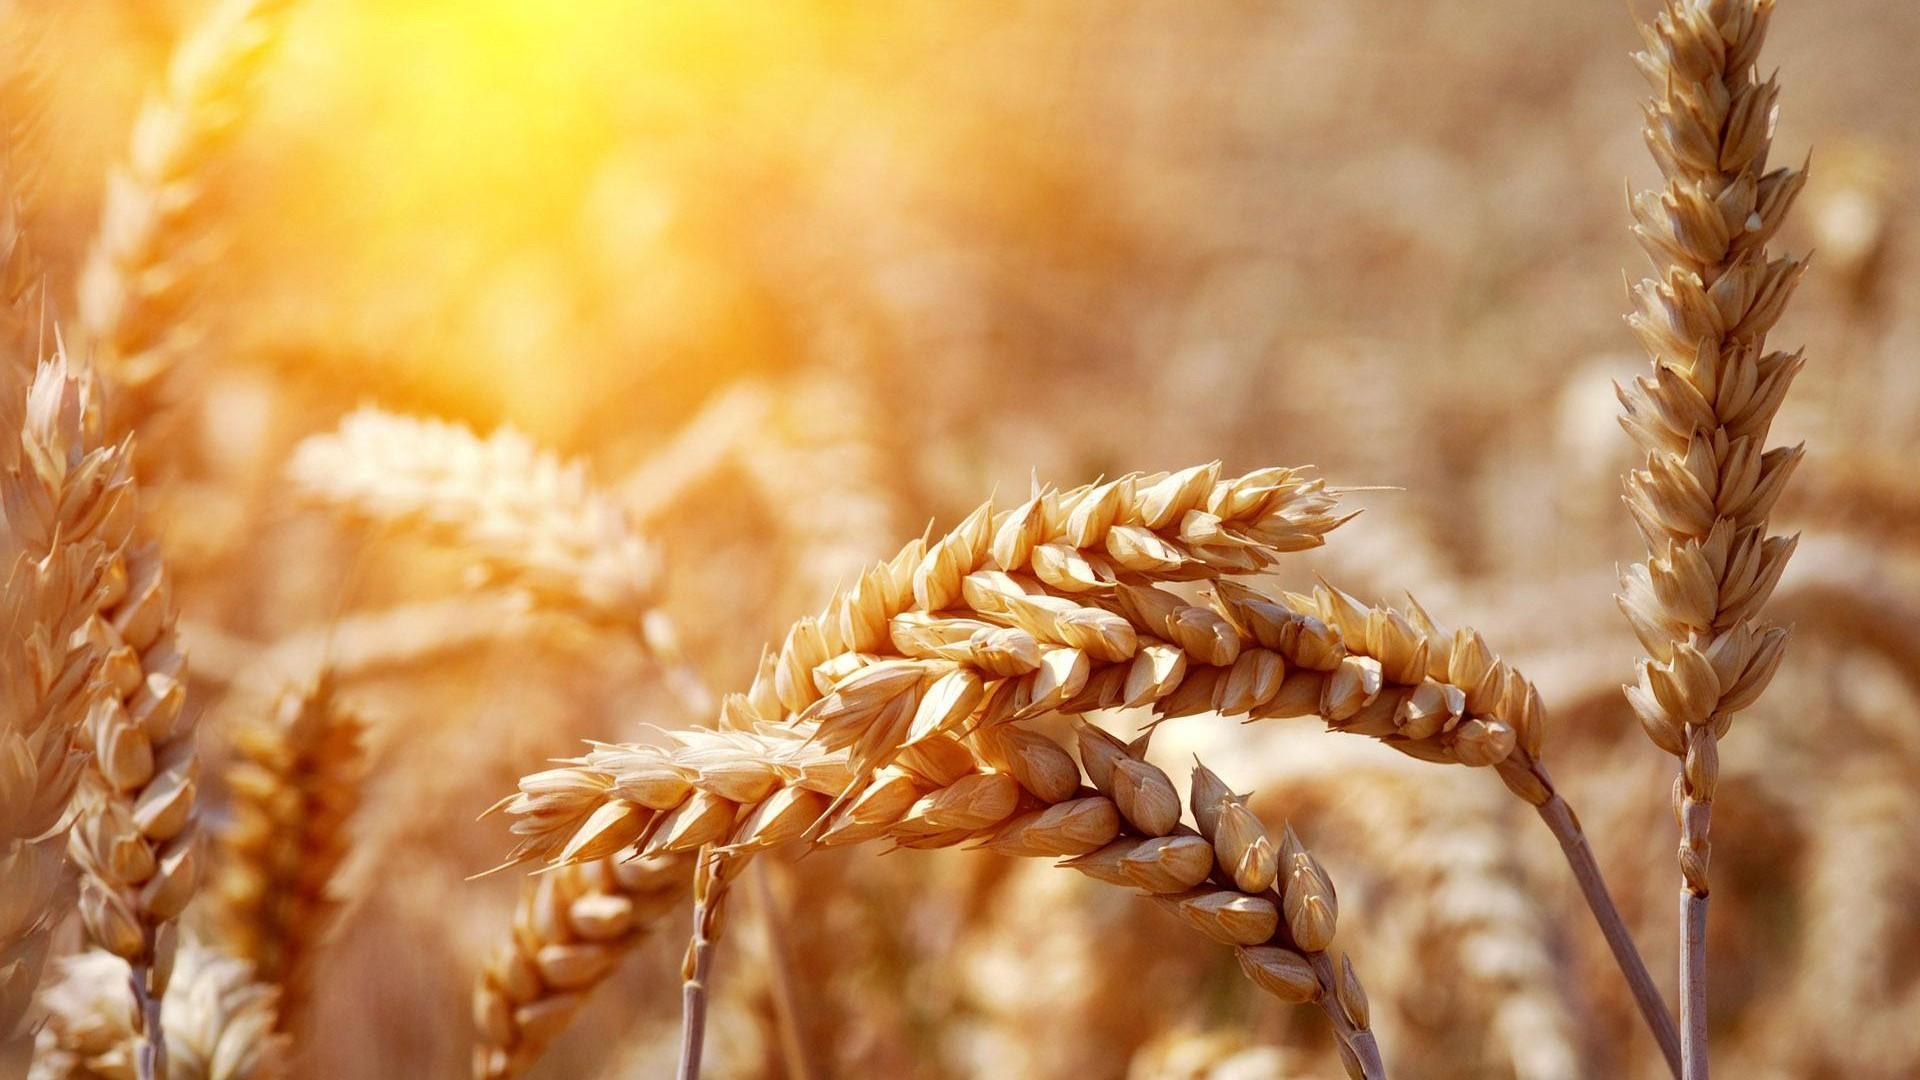 сельское хозяйство картинки высокого качества факультете восточных